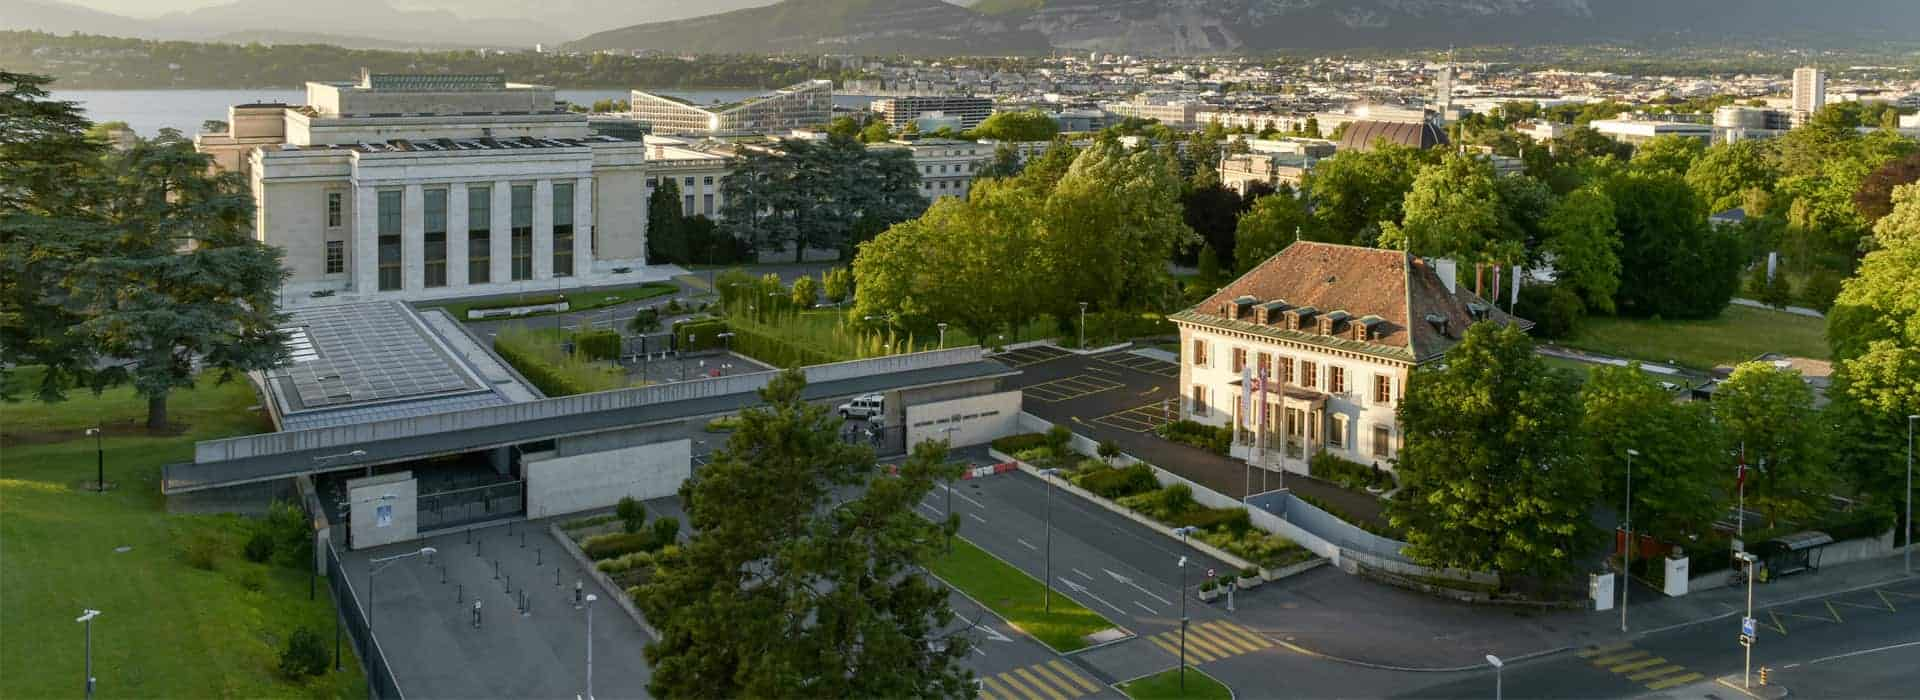 L'Ecole Hôtelière de Geneve, une formation avec la qualité suisse